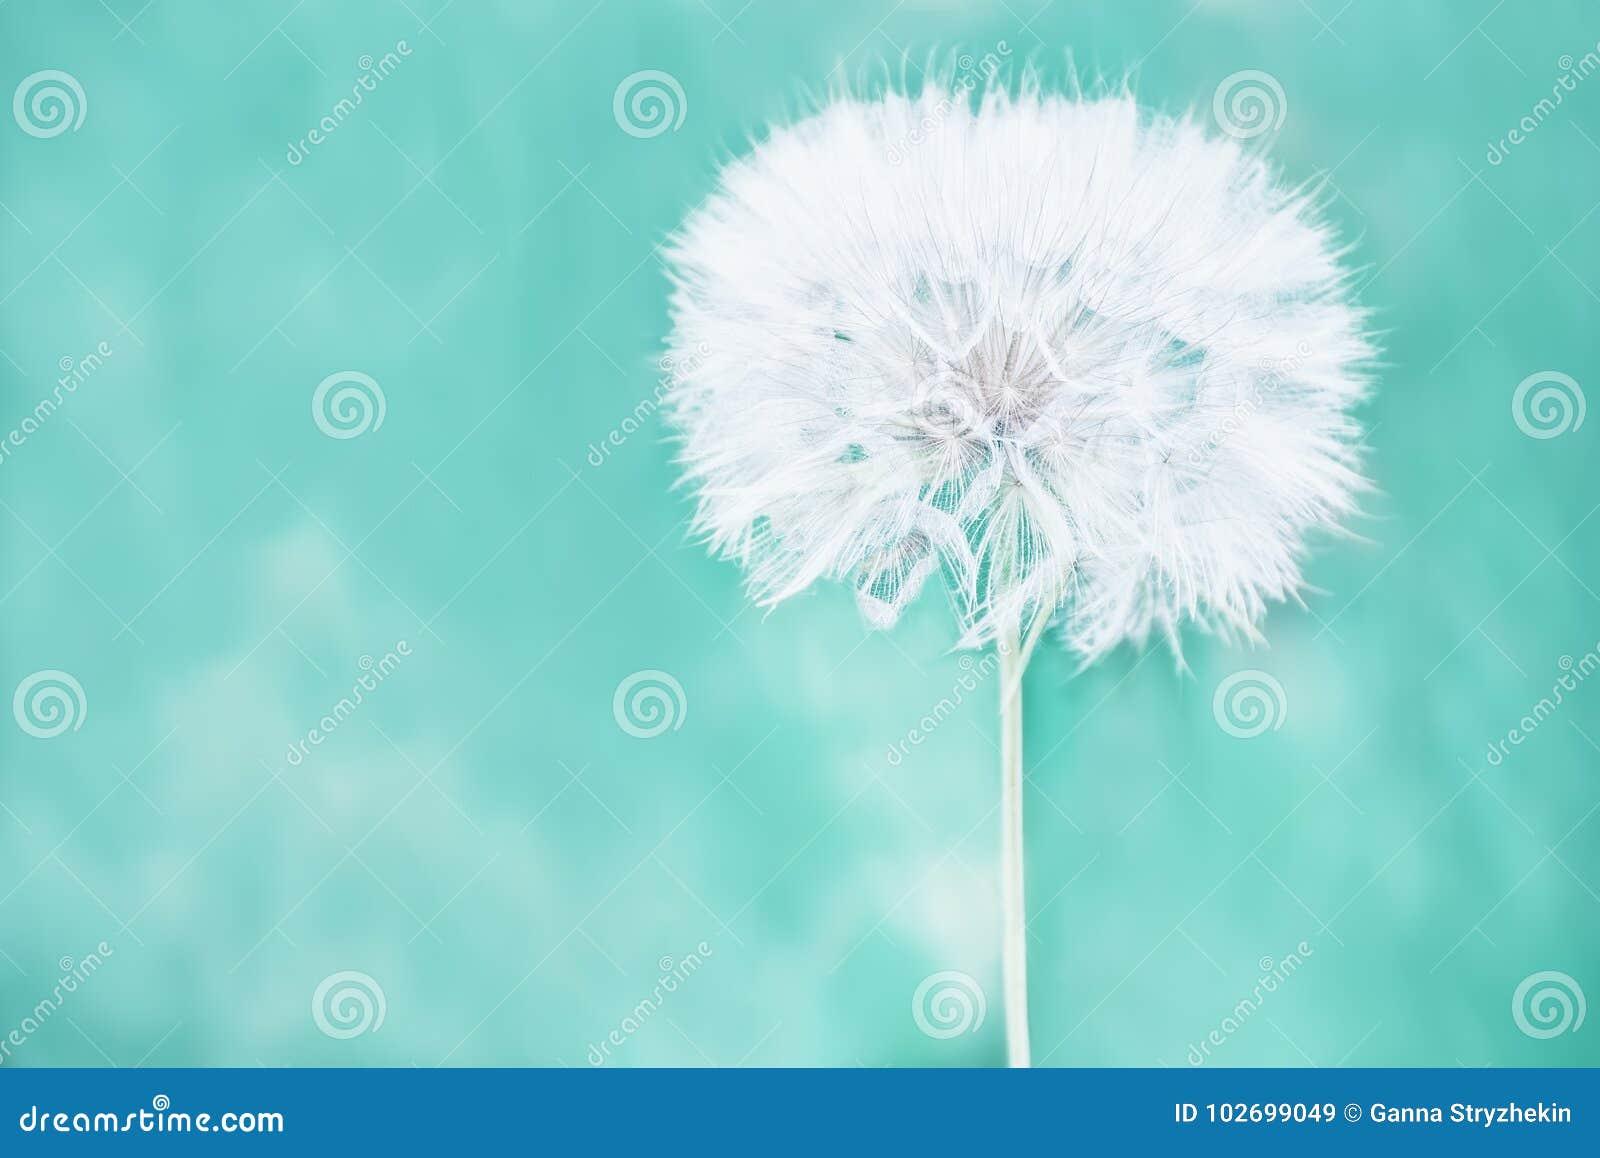 Огромный пушистый белый шарик цветка одуванчика